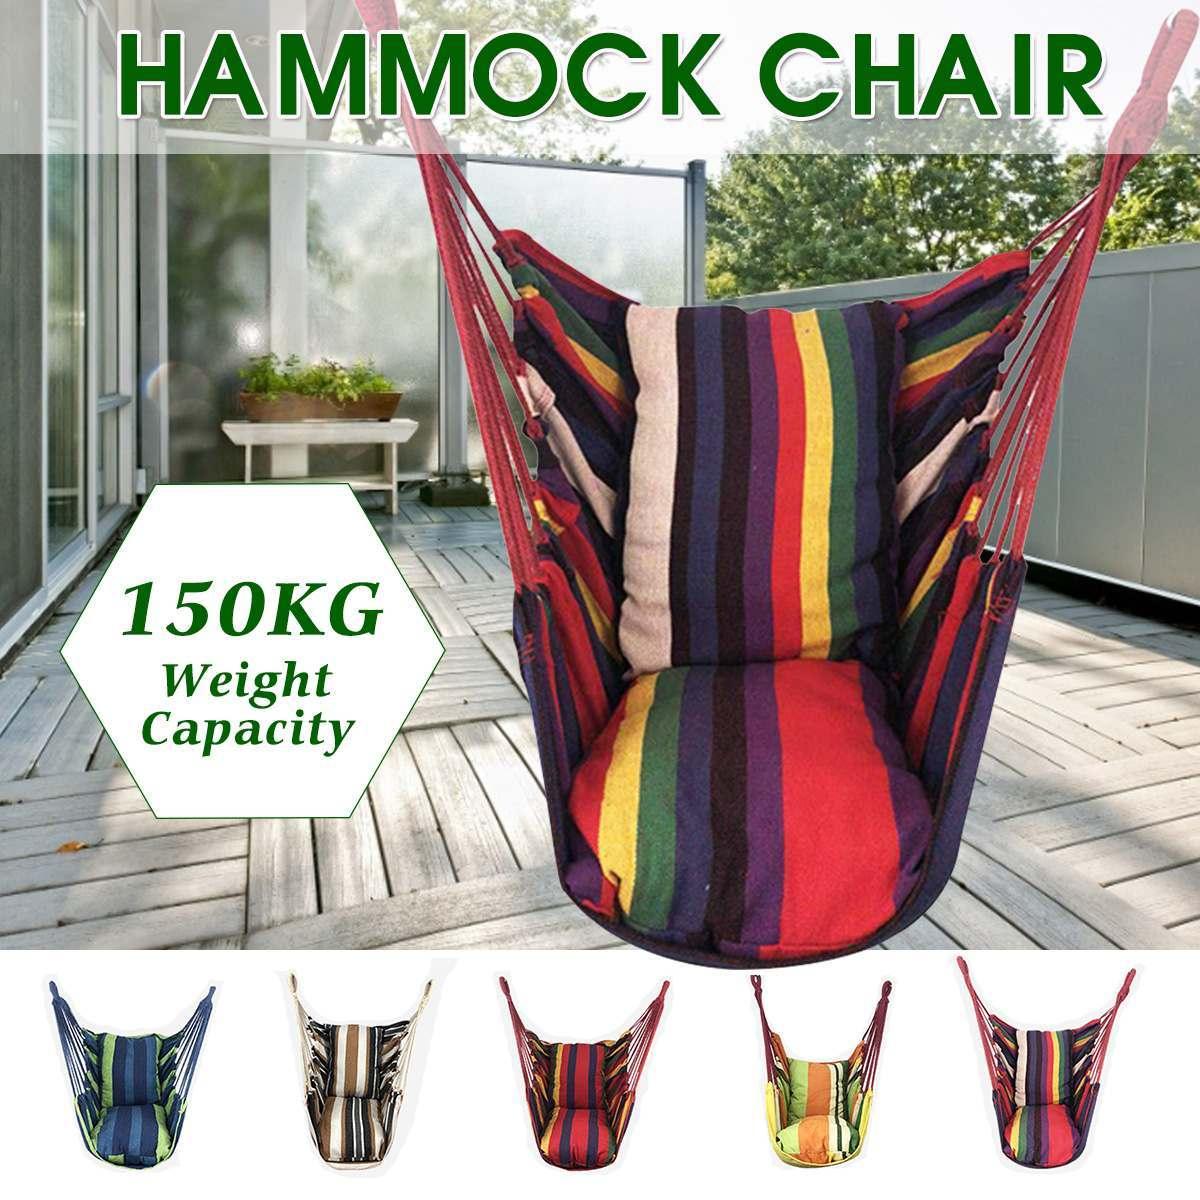 ポータブルハンモック椅子ぶら下げロープ椅子スイングチェアシートと 2 枕庭屋内屋外ファッショナブルなハンモックスイング_画像2